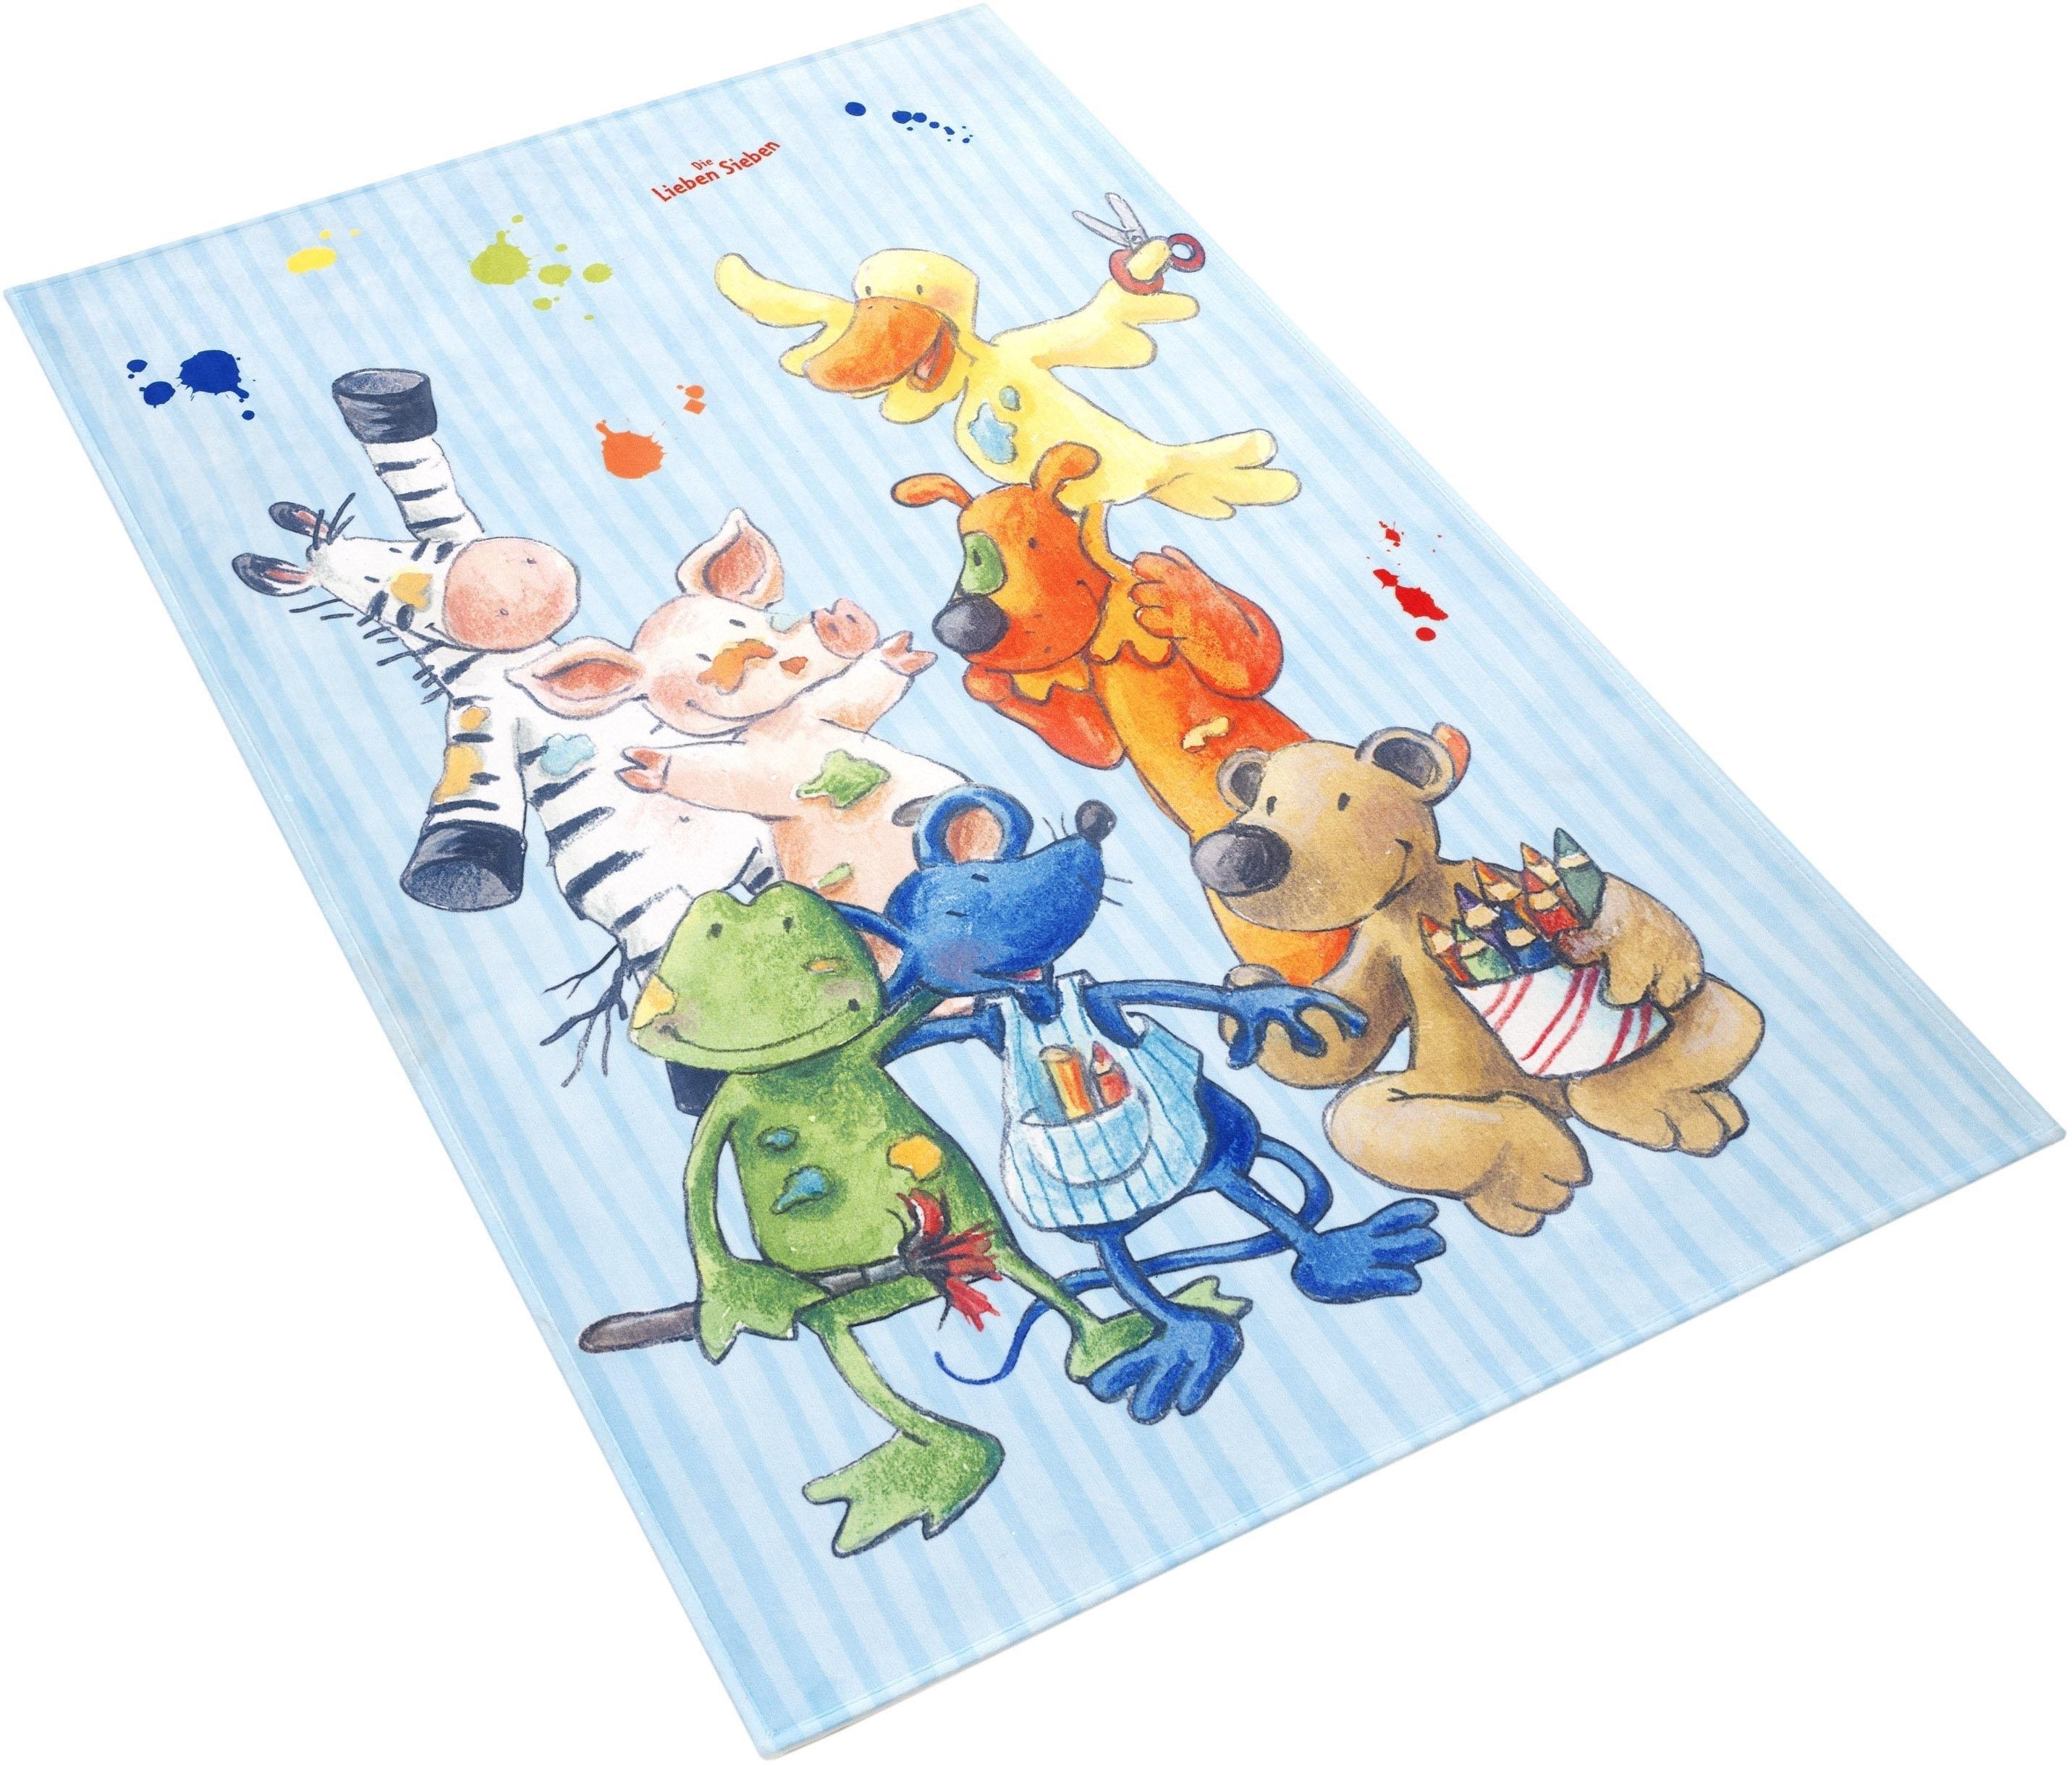 Die Lieben Sieben vloerkleed voor de kinderkamer LS-211 Stof print, zachte microvezel, kinderkamer online kopen op otto.nl